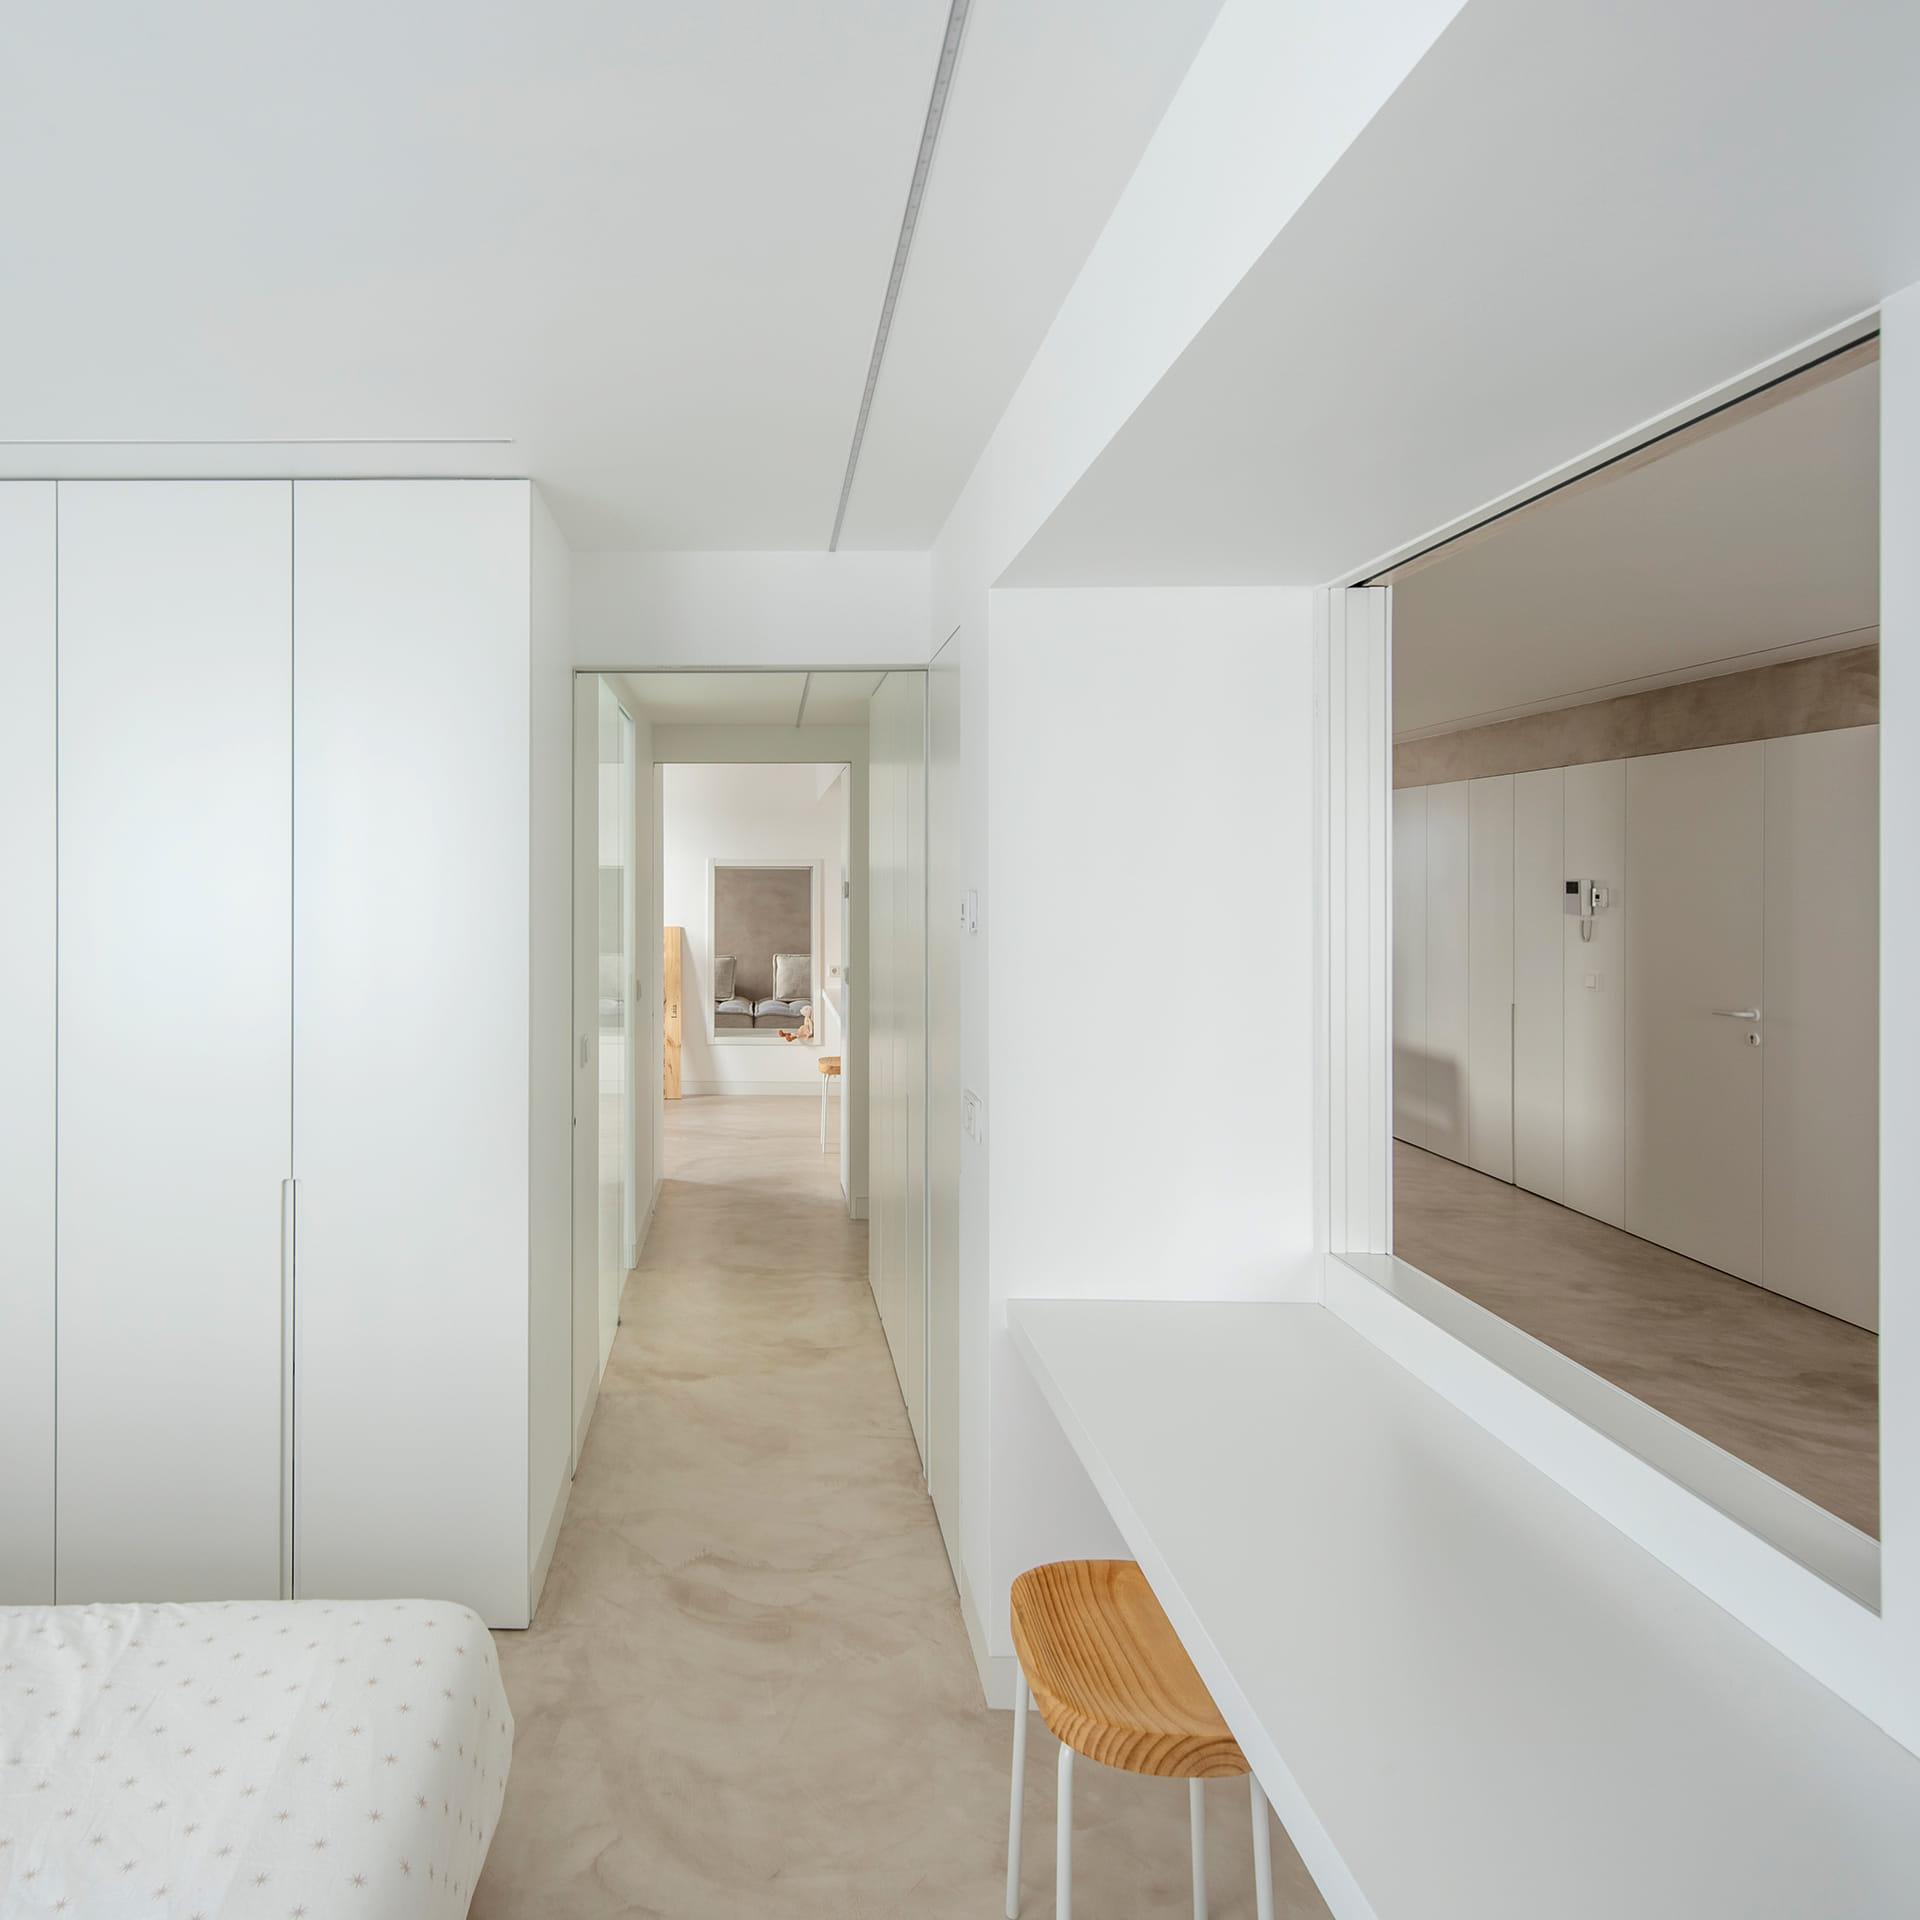 Vivienda con armarios lacados blanco